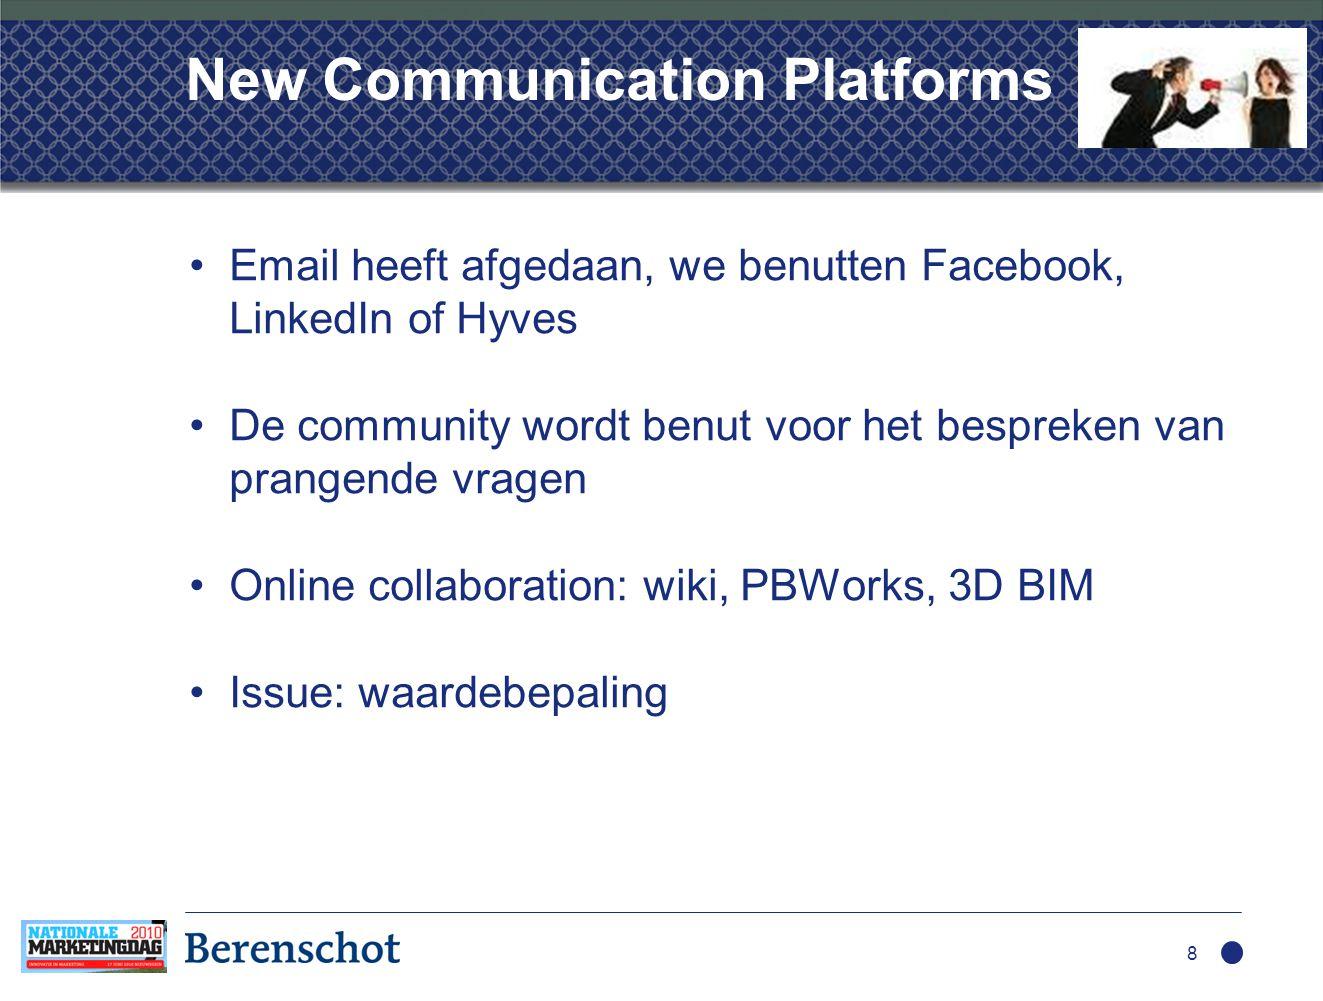 New Communication Platforms •Email heeft afgedaan, we benutten Facebook, LinkedIn of Hyves •De community wordt benut voor het bespreken van prangende vragen •Online collaboration: wiki, PBWorks, 3D BIM •Issue: waardebepaling 8